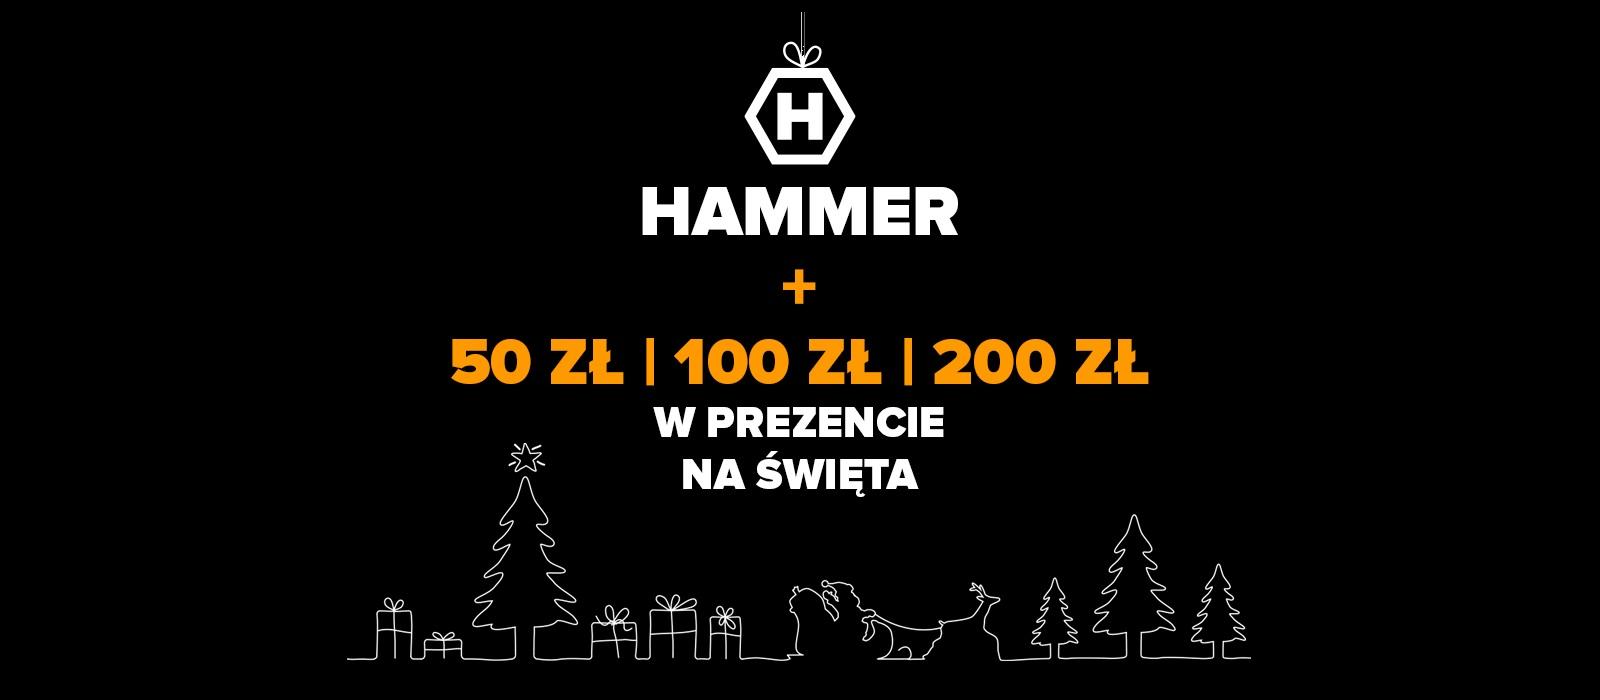 HAMMER promocja święta Boże Narodzenie 2020